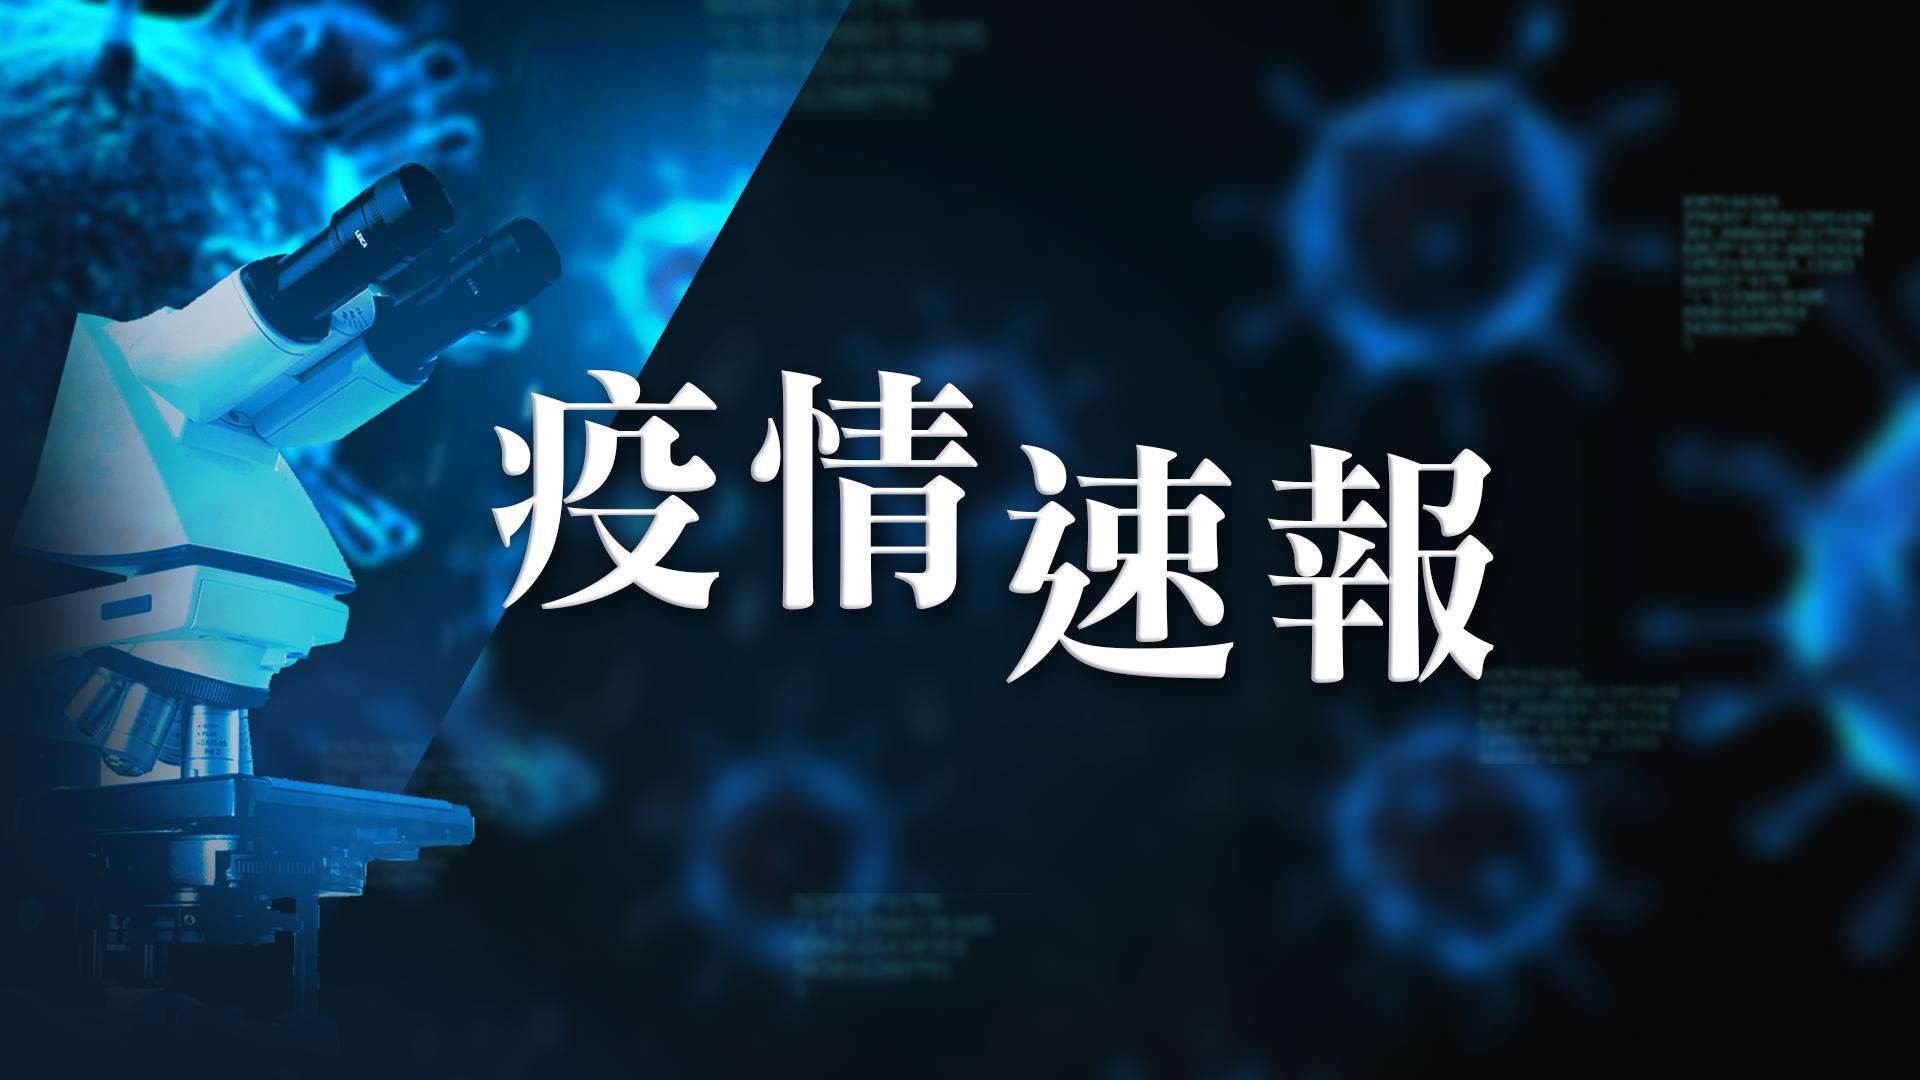 【7月11日疫情速報】(18:40)